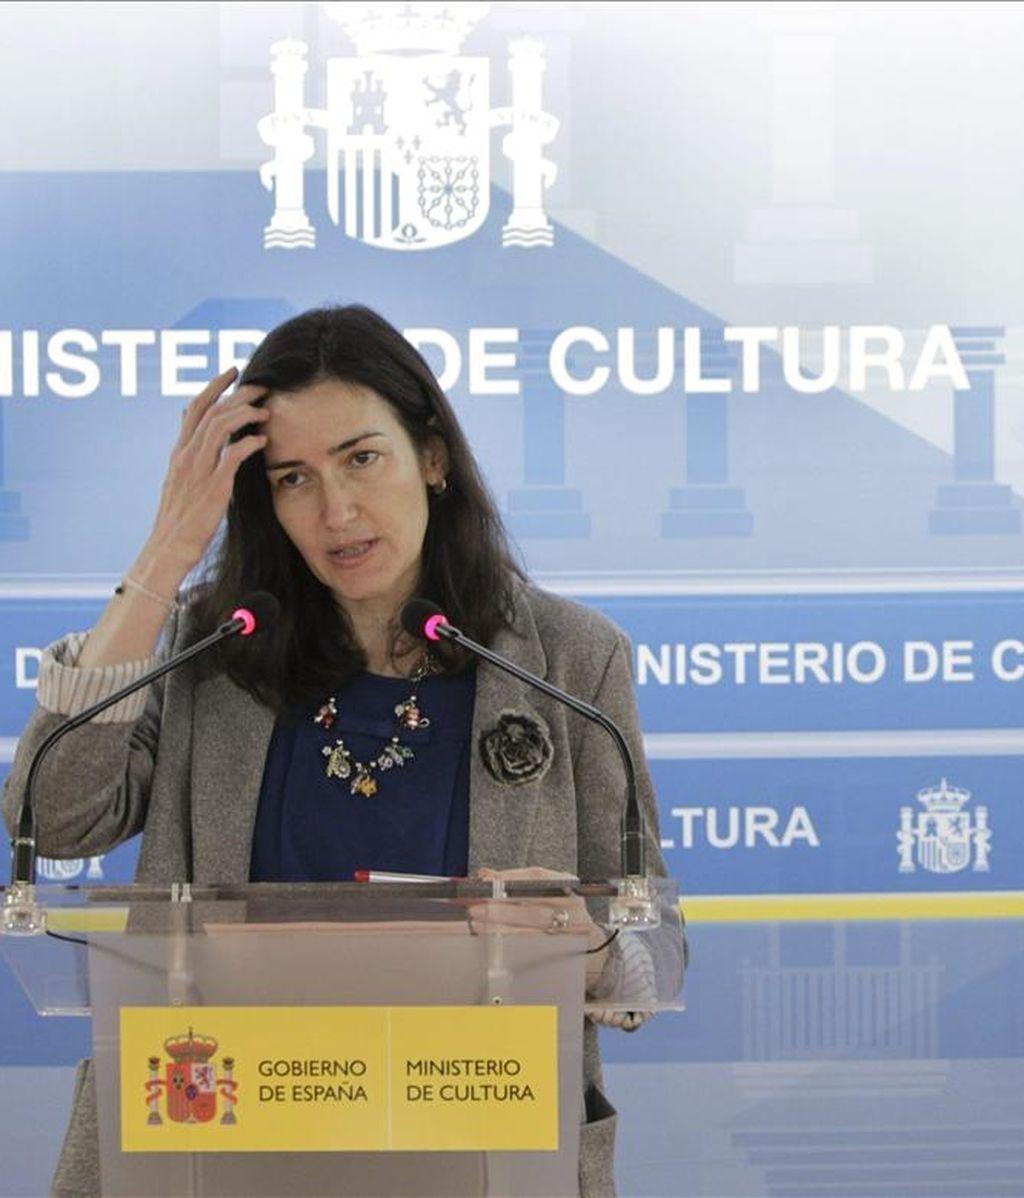 La ministra de Cultura, Ángeles González-Sinde durante durante una rueda de prensa el 11 de abril de 2011. EFE